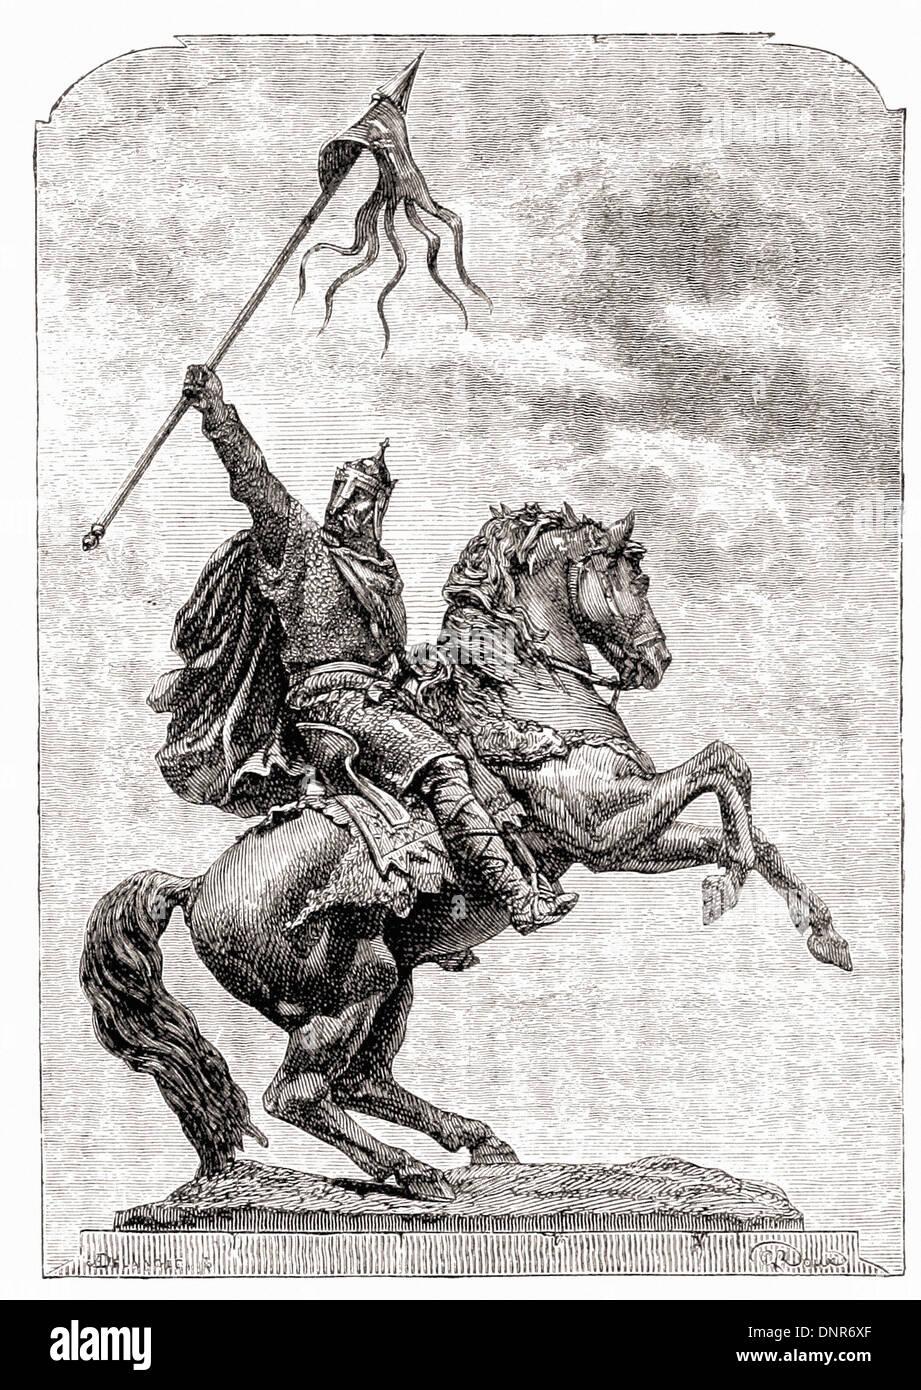 Portrait of William the Conqueror - British engraving XIX th Century - Stock Image